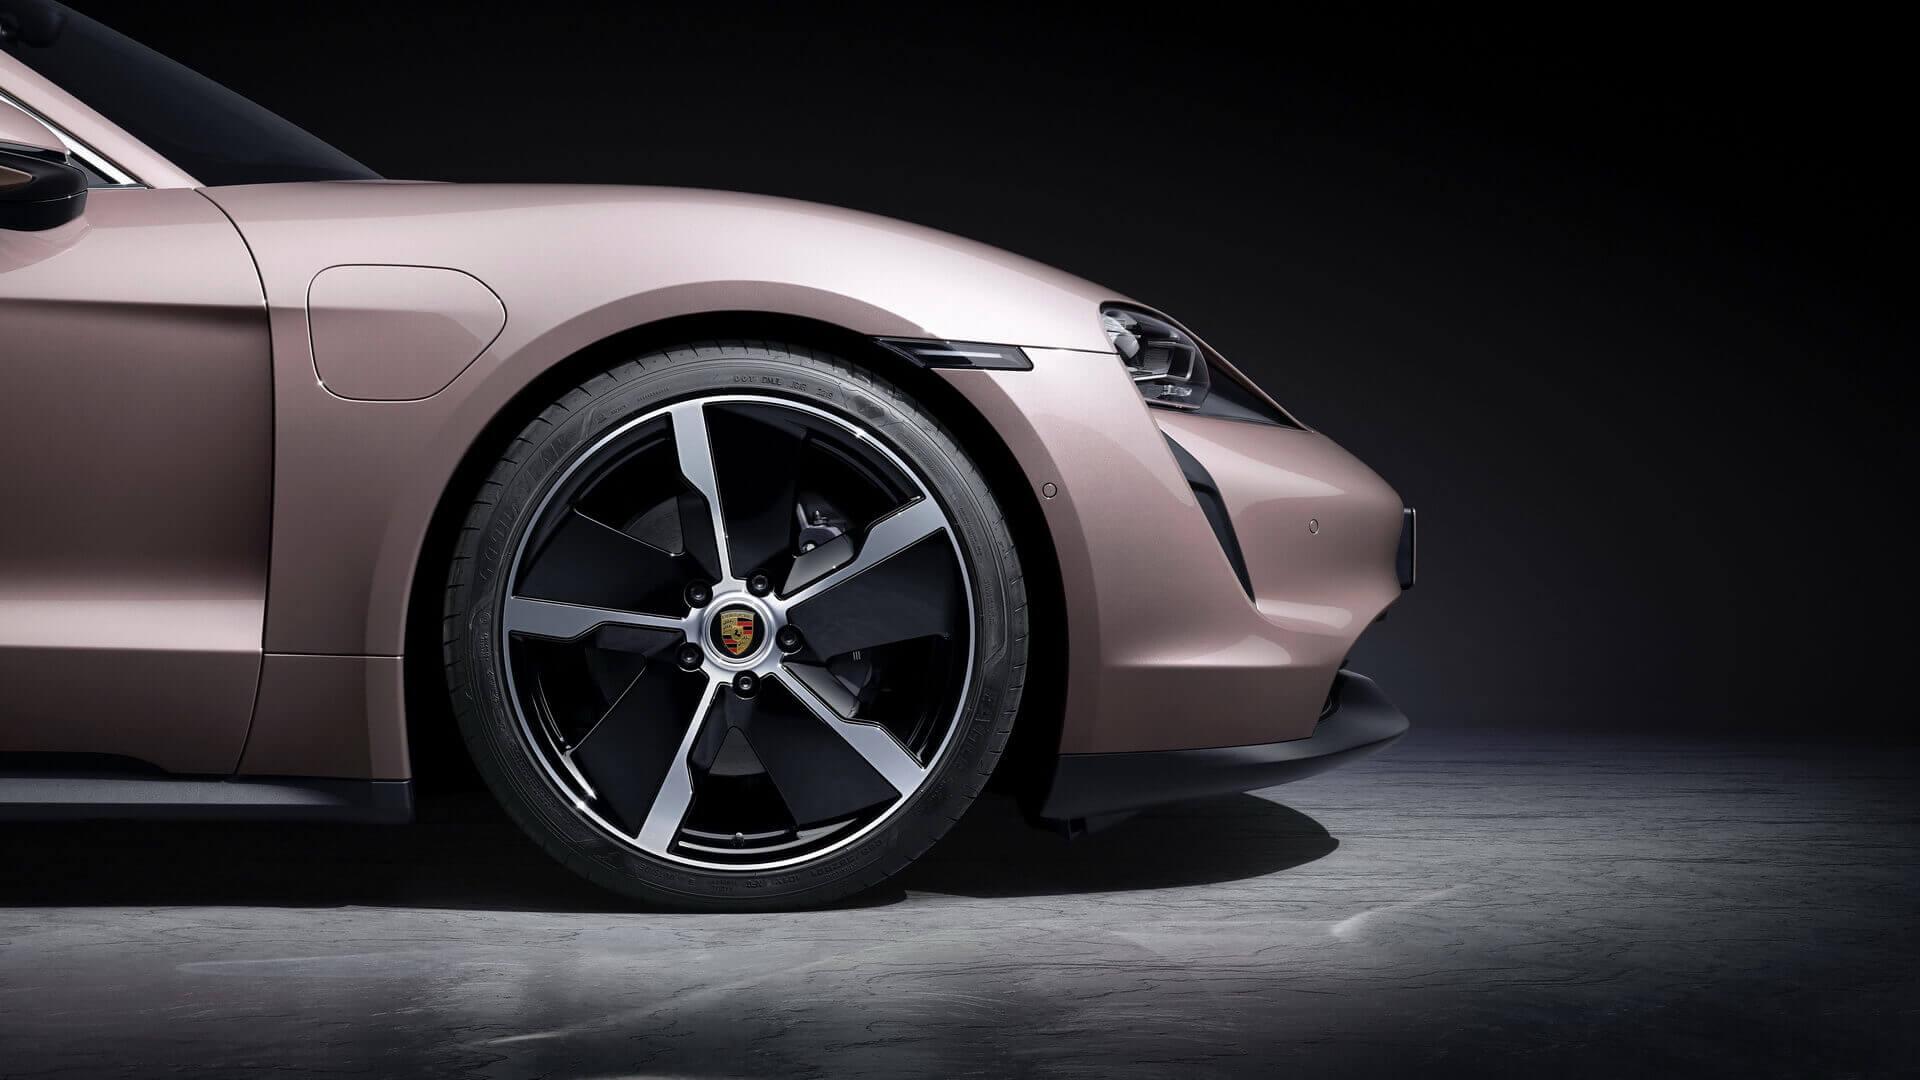 Аэродинамически оптимизированные 19-дюймовые колеса Taycan Aero